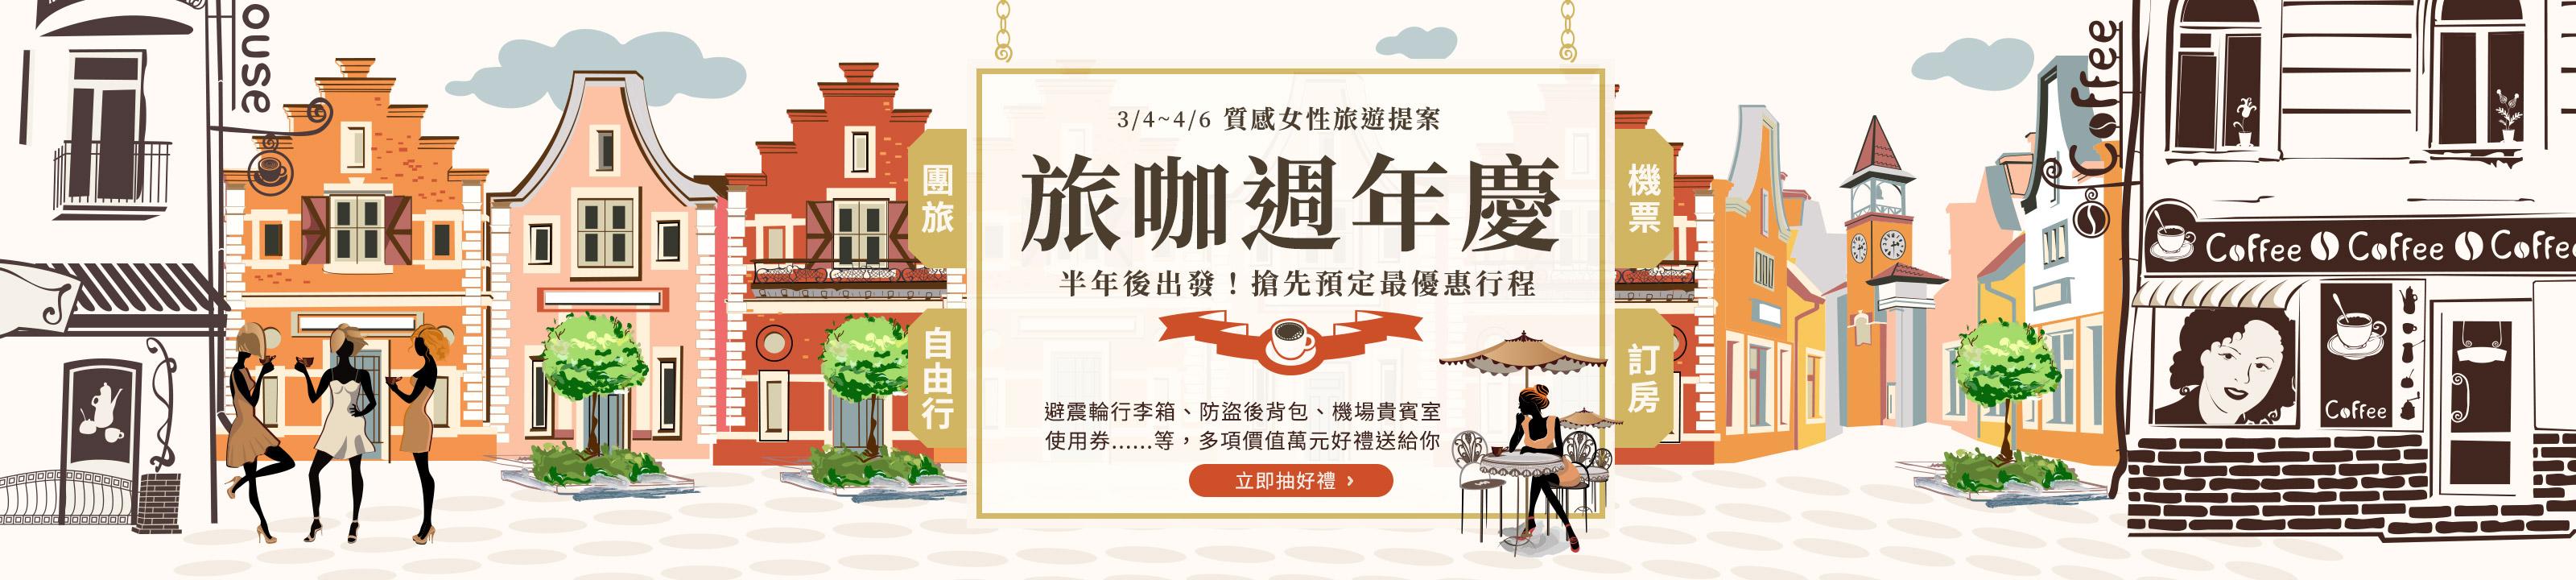 旅咖週年慶 - 質感女性旅遊提案